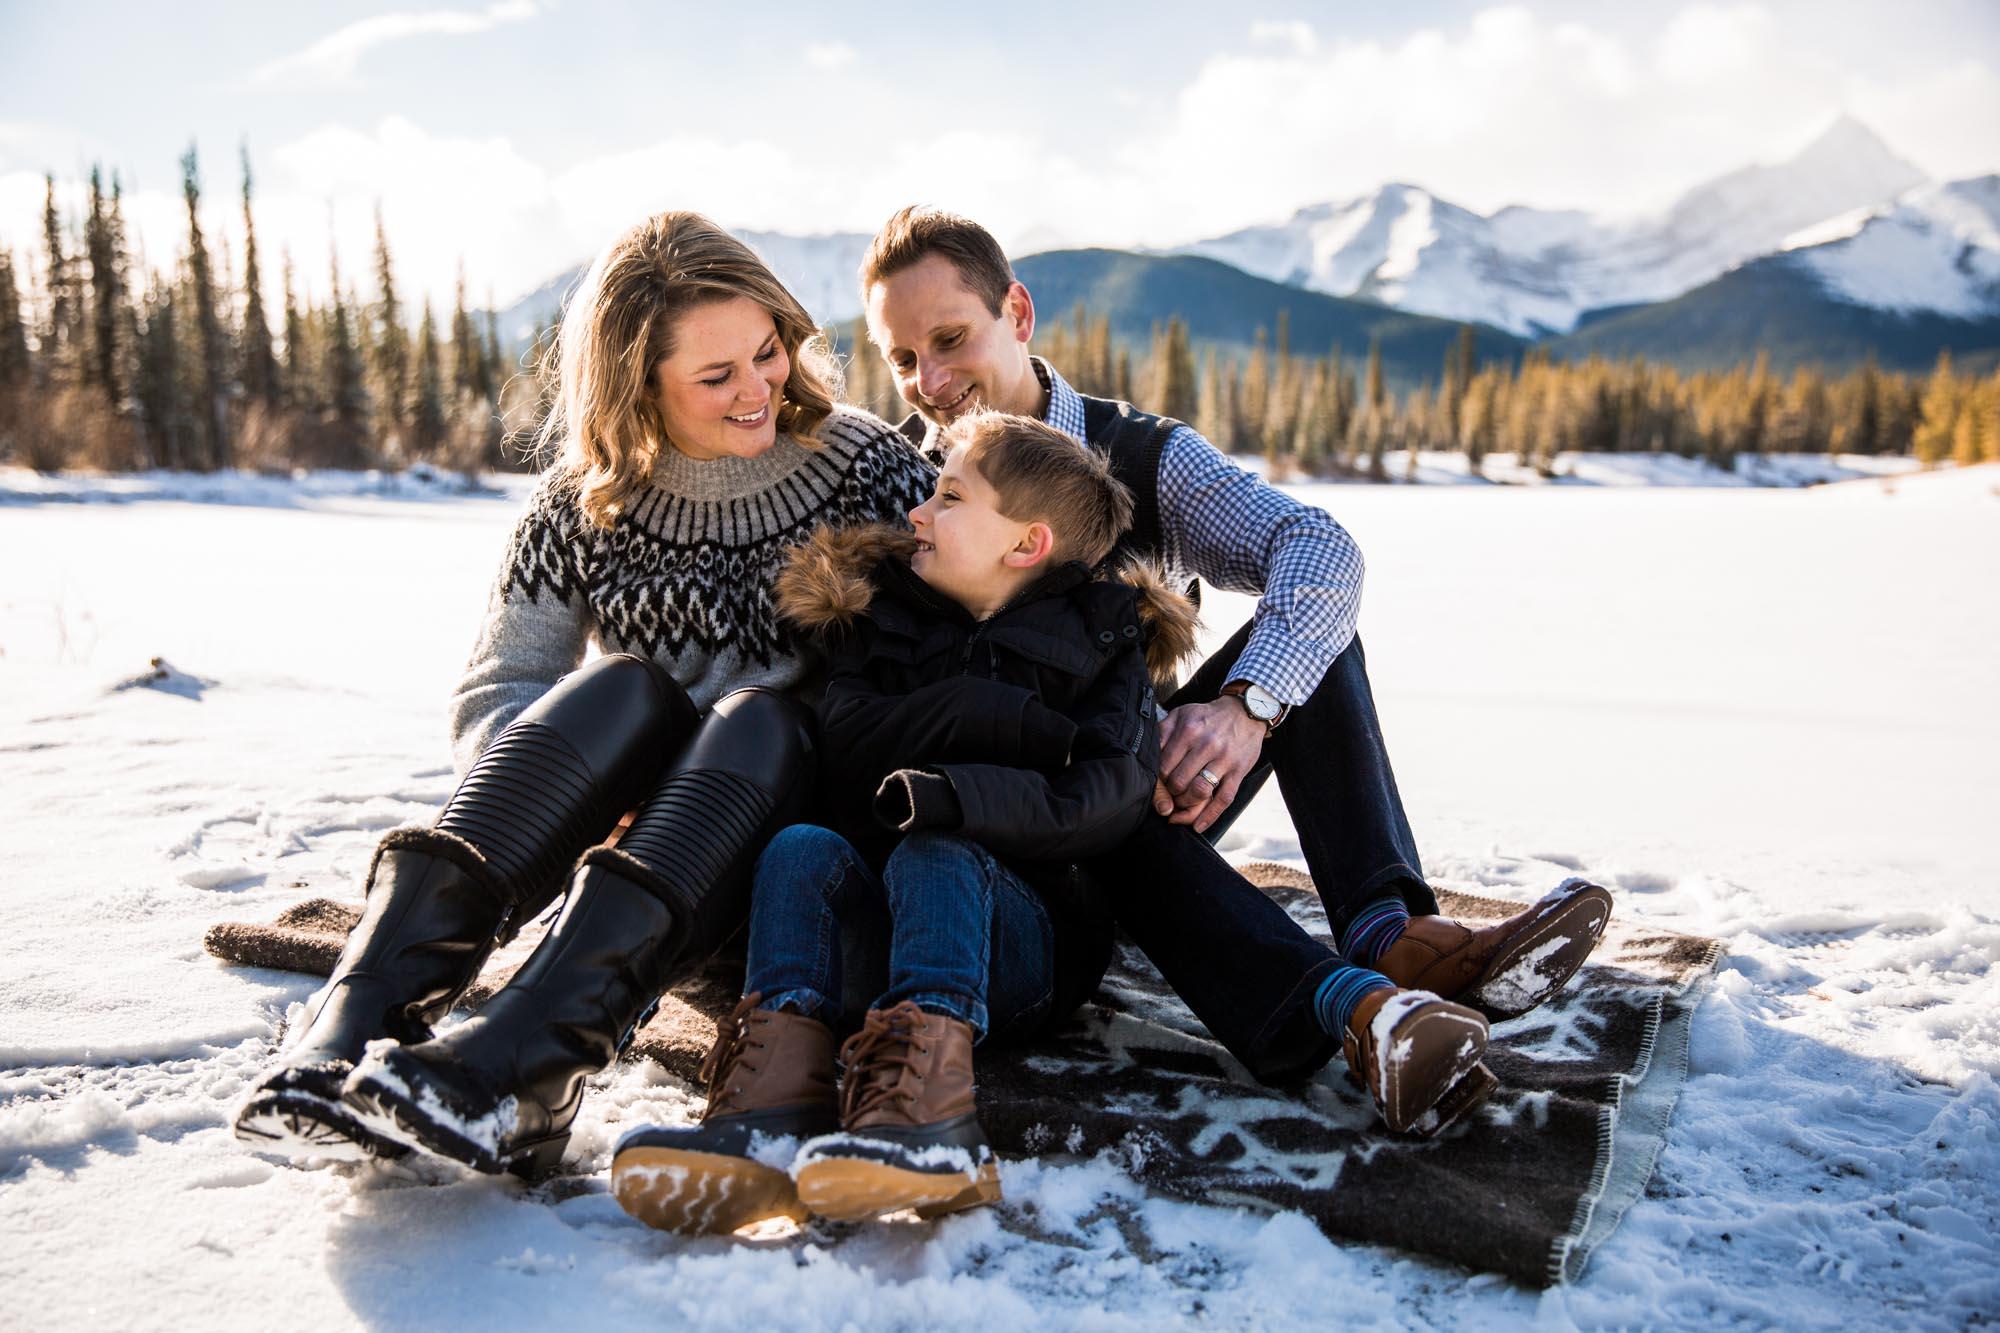 Calgary family photographer - mountain family photography in the Kananaskis